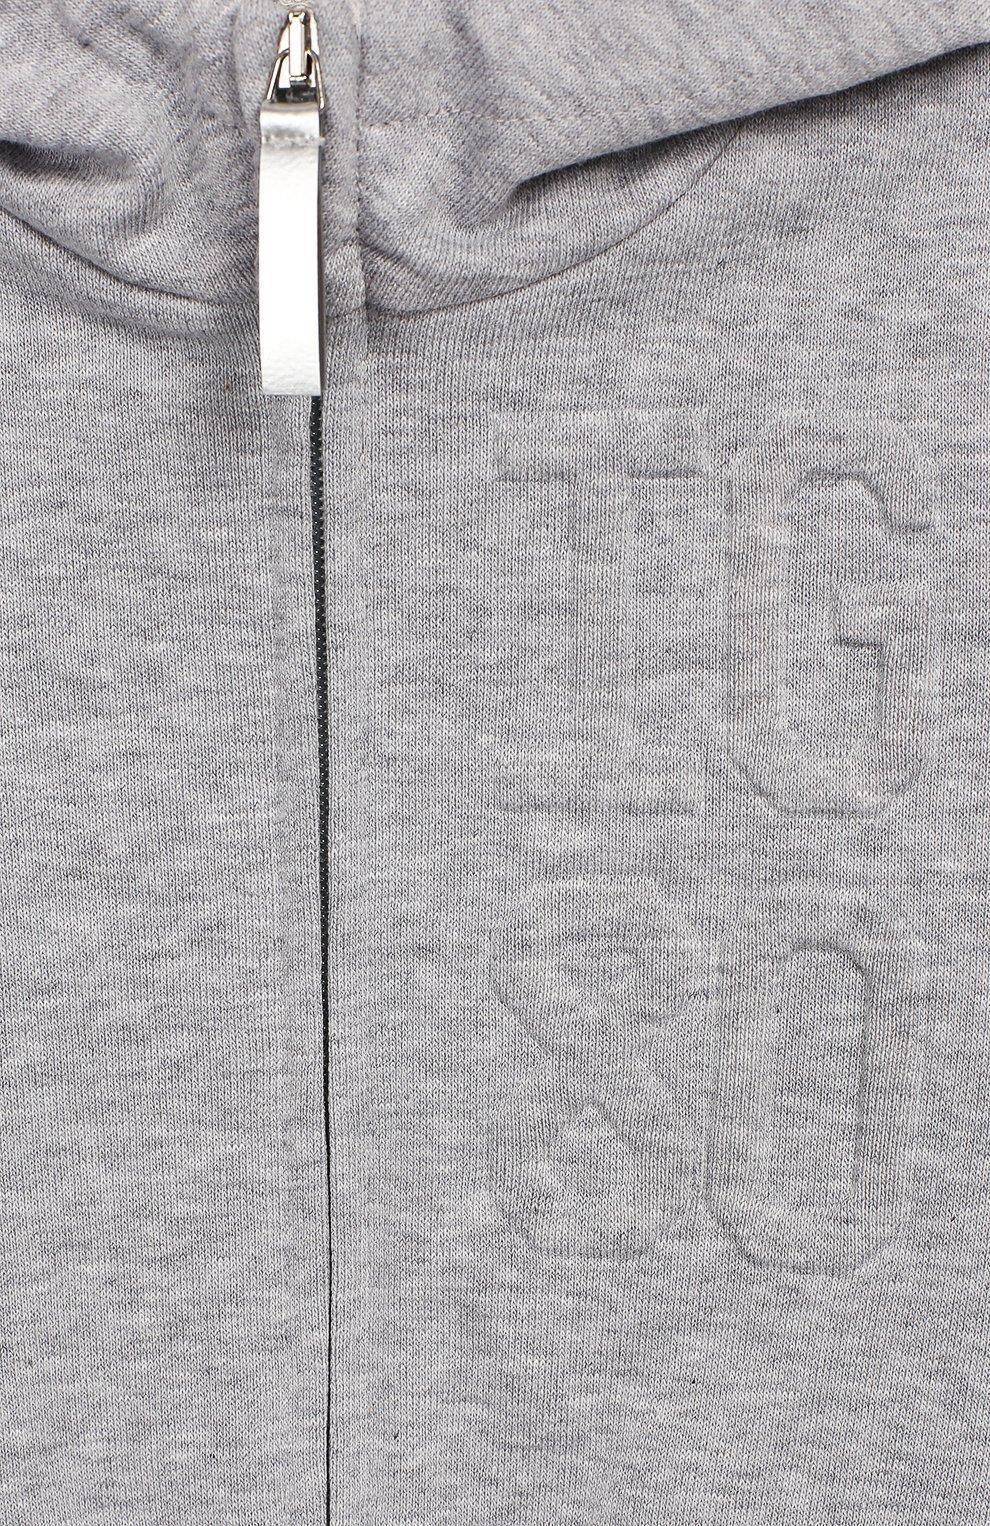 Детский хлопковый кардиган с капюшоном IL GUFO серого цвета, арт. P19GA301M0030/12M-18M   Фото 3 (Кросс-КТ НВ: Спорт-одежда; Рукава: Длинные; Материал внешний: Хлопок; Статус проверки: Проверено)